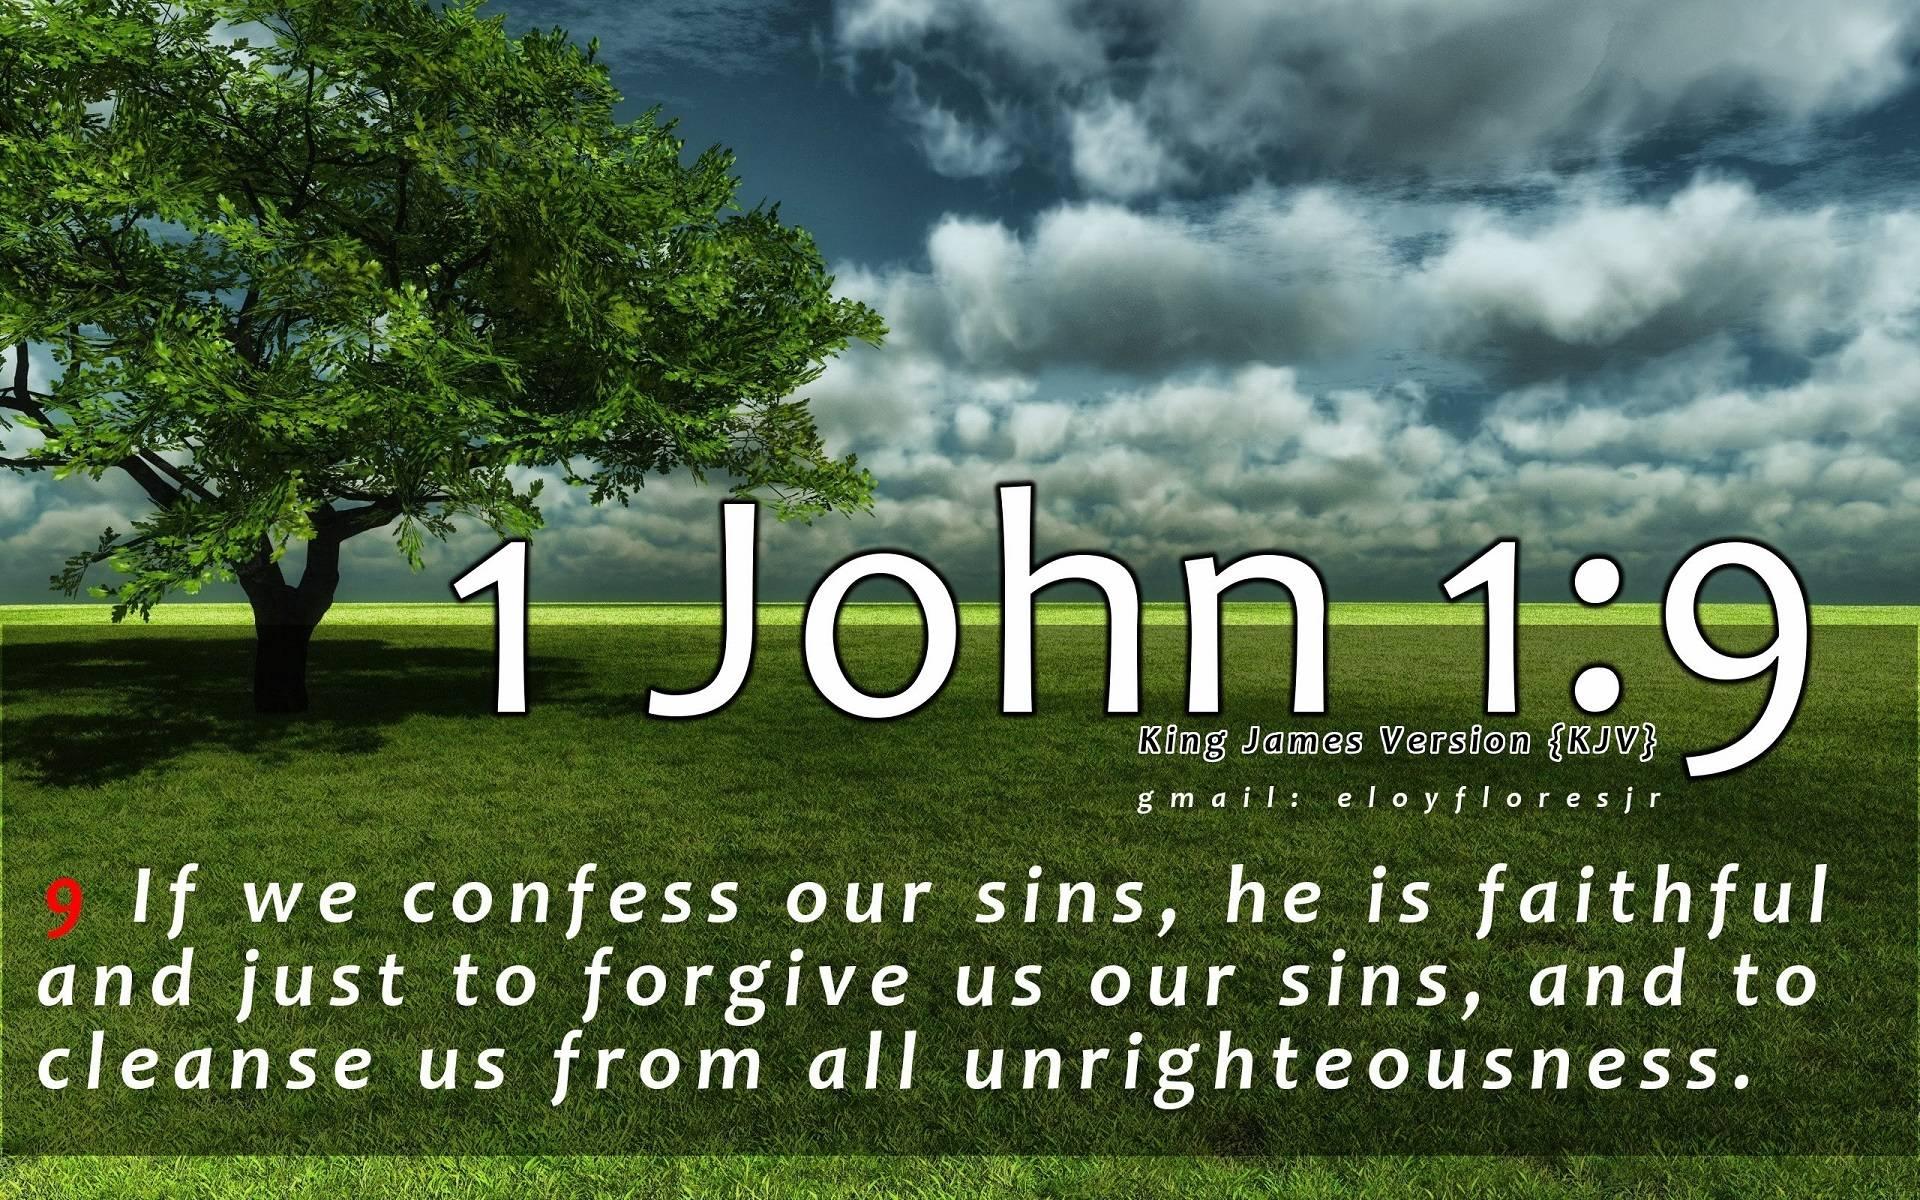 Jesus-Wallpapers-With-Bible-Verses-65-.jpg